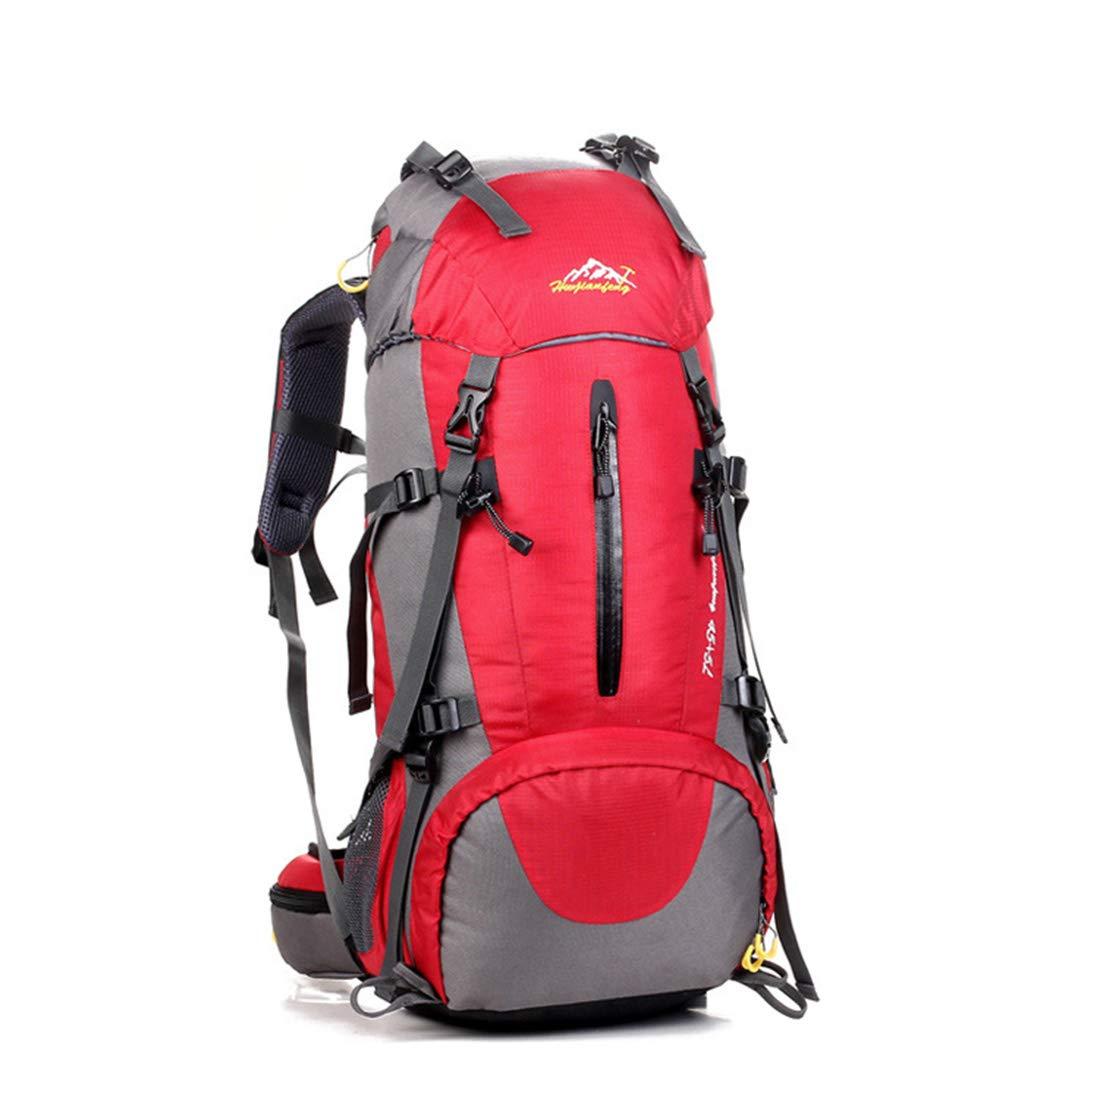 ArotOVL Wasserdichtes Nylon Hochleistungsreisen Camping Klettern Wanderweg Freizeit Sport Multifunktionsrucksäcke Tasche Neutral Geeignet für den Außenbereich (Farbe   schwarz) B07MK714WC Wanderruckscke Einzelhandelspreis